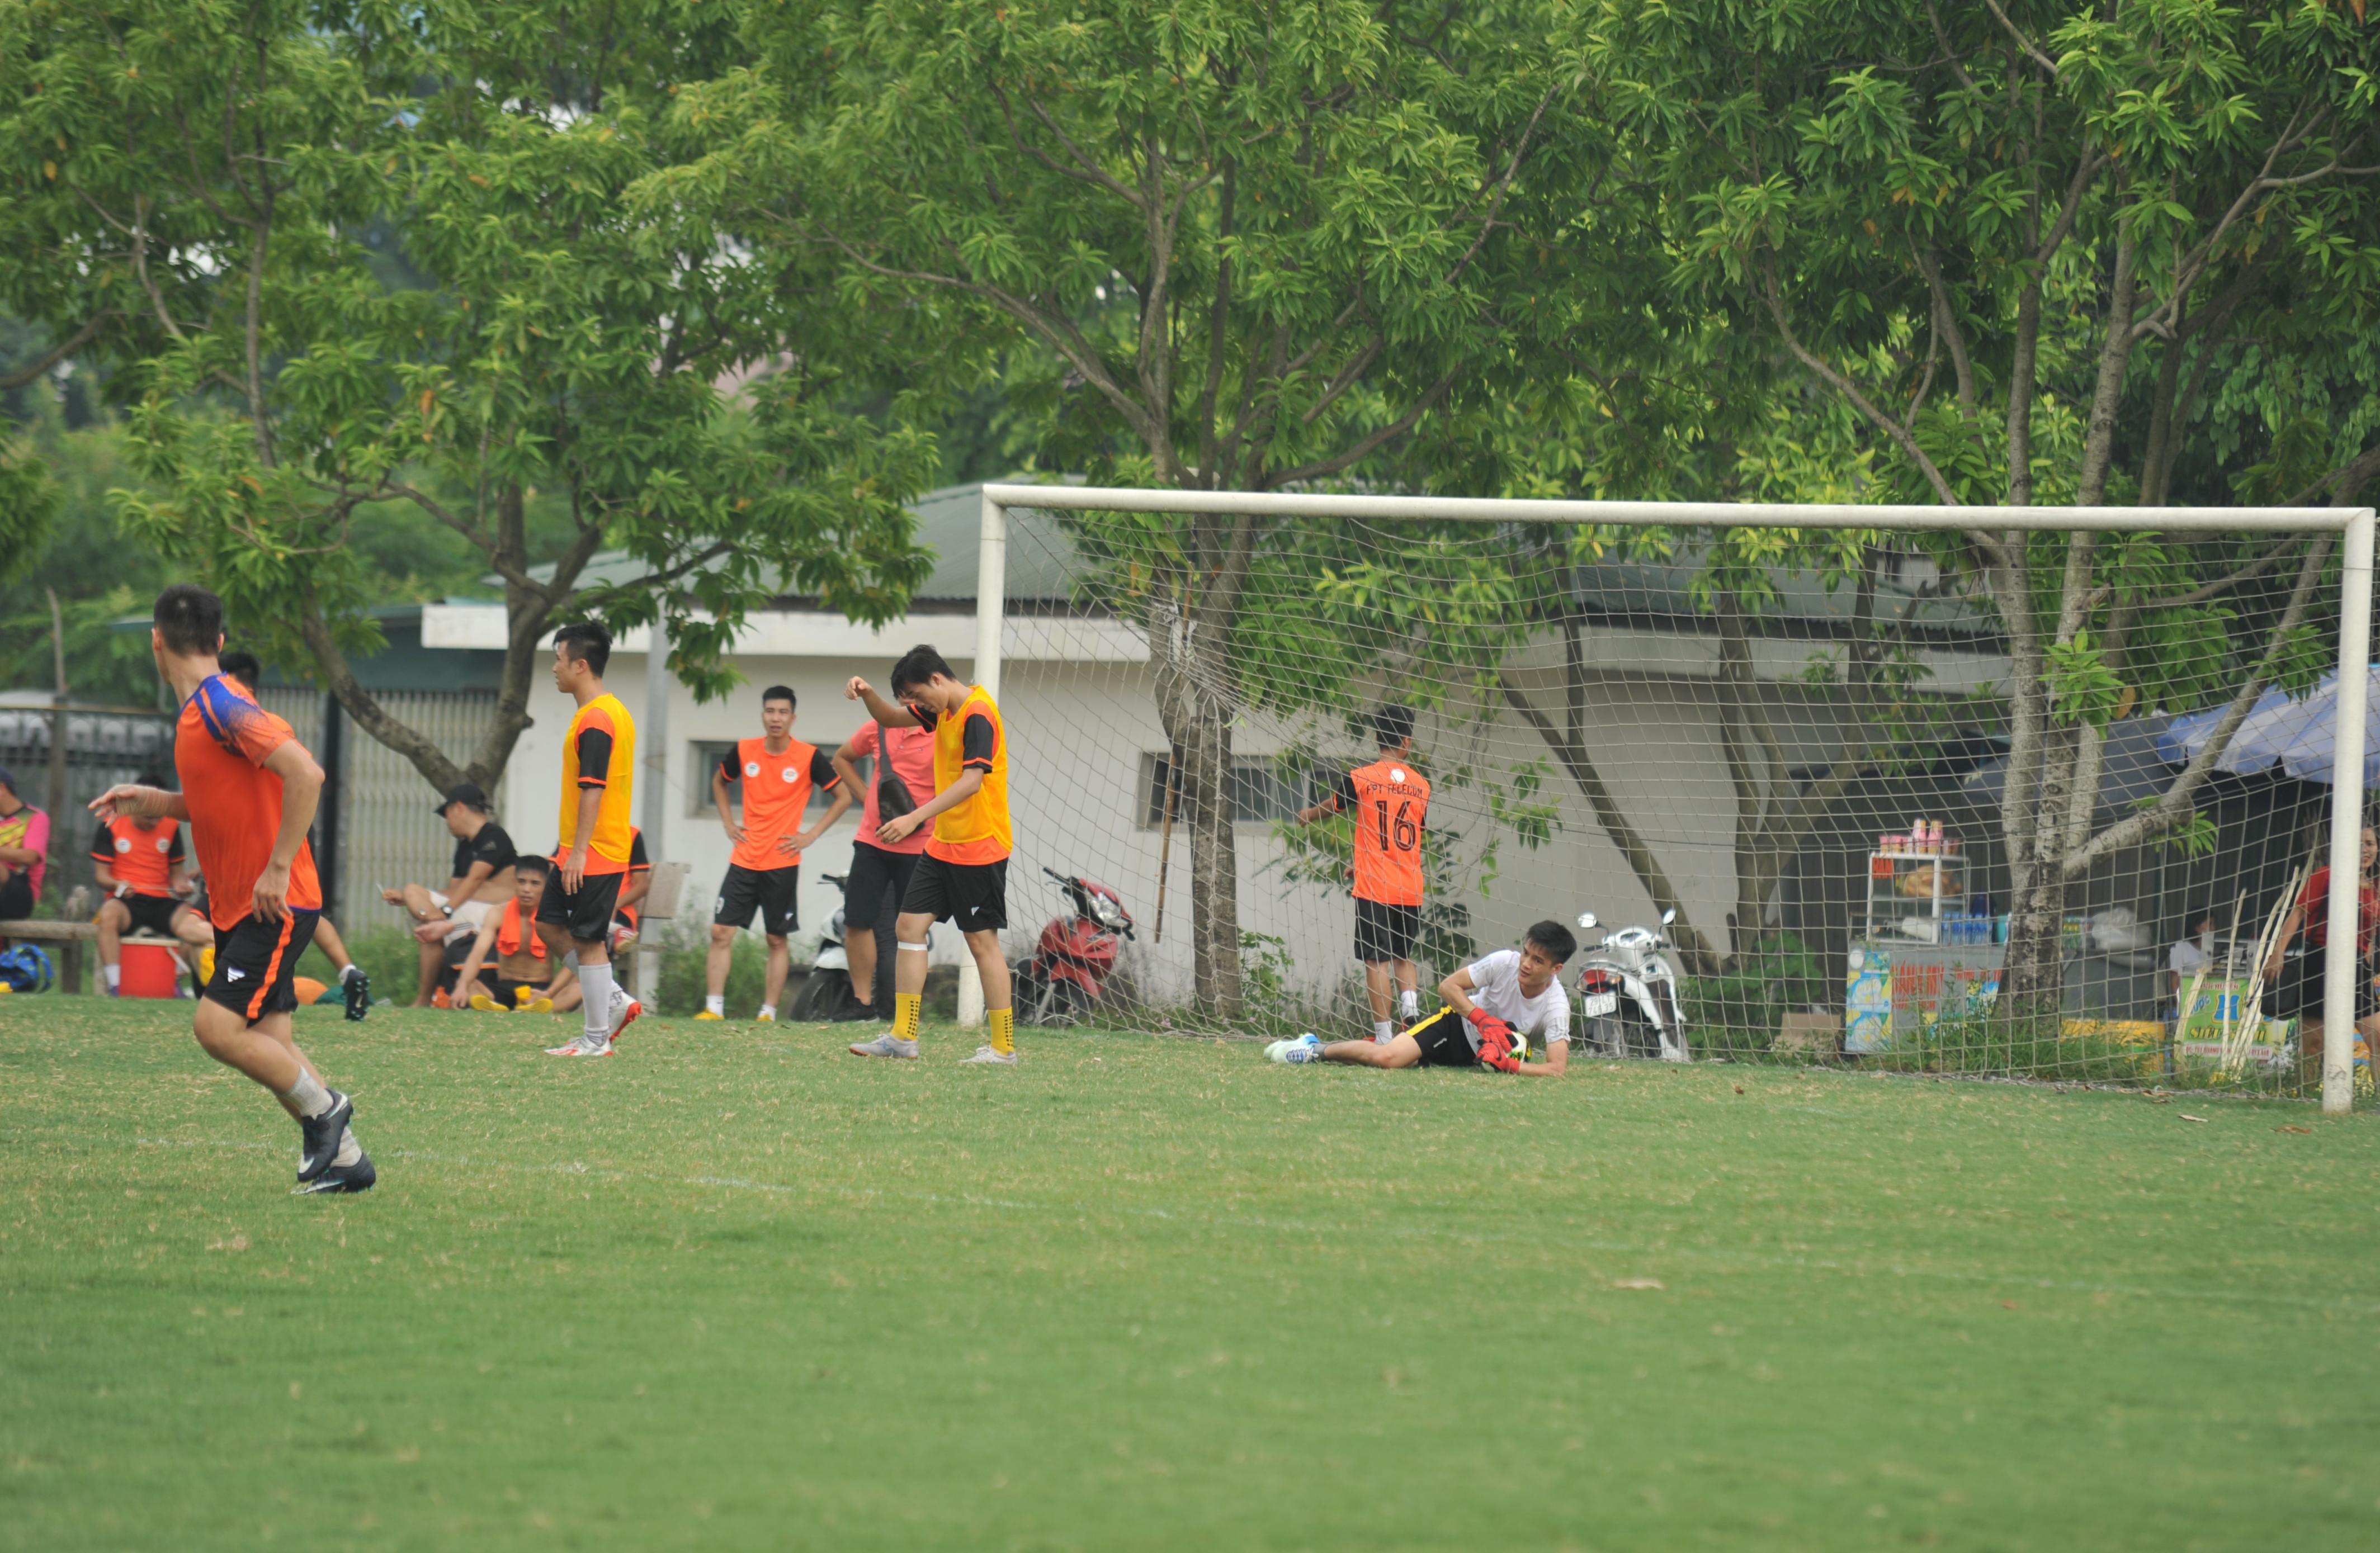 Thủ môn đội FPT Education đã làm việc hết công suất và hiệu quả khi cản phá thành công mọi pha sút của tiền đạo đối phương; giữ sạch lưới cho đến hết trận đấu.